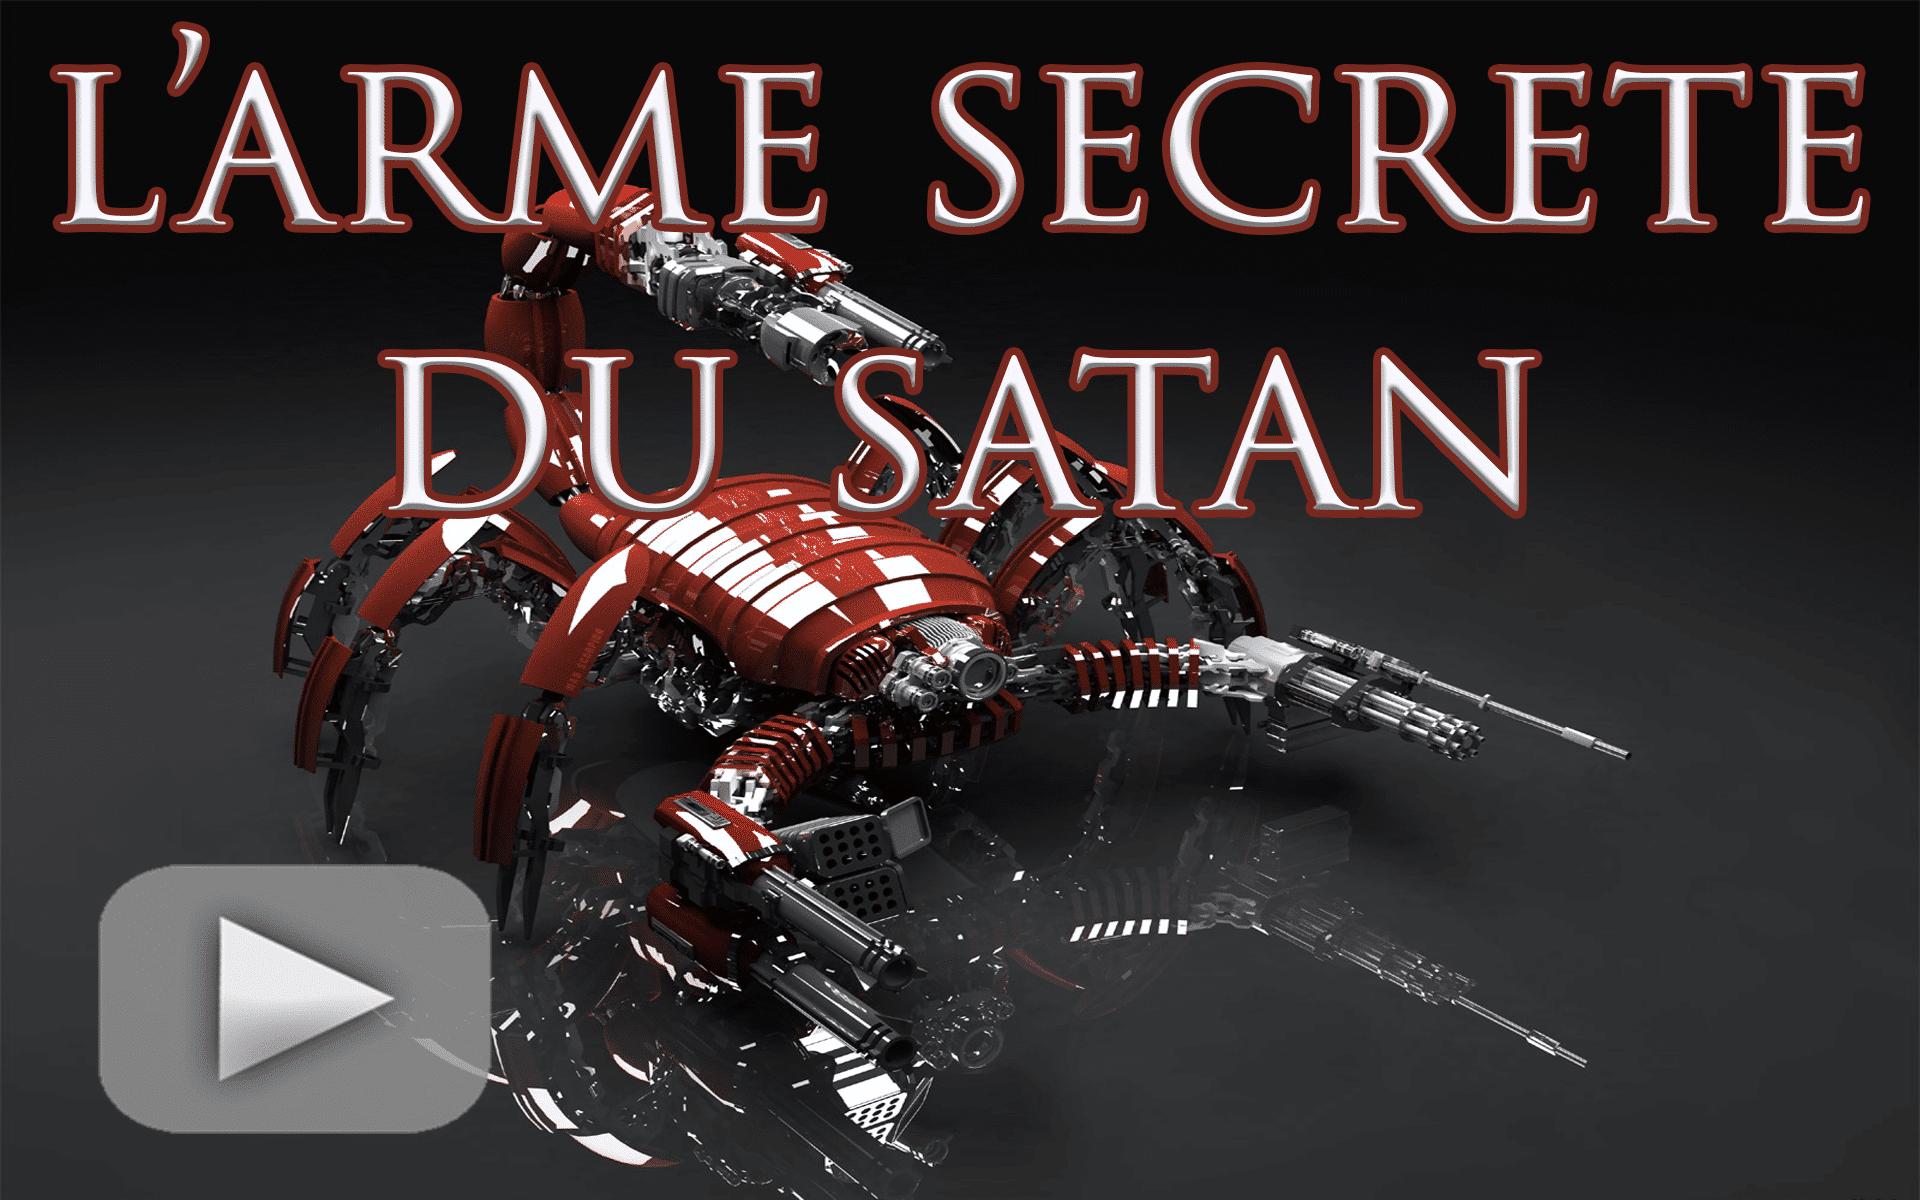 L'arme secrète du satan